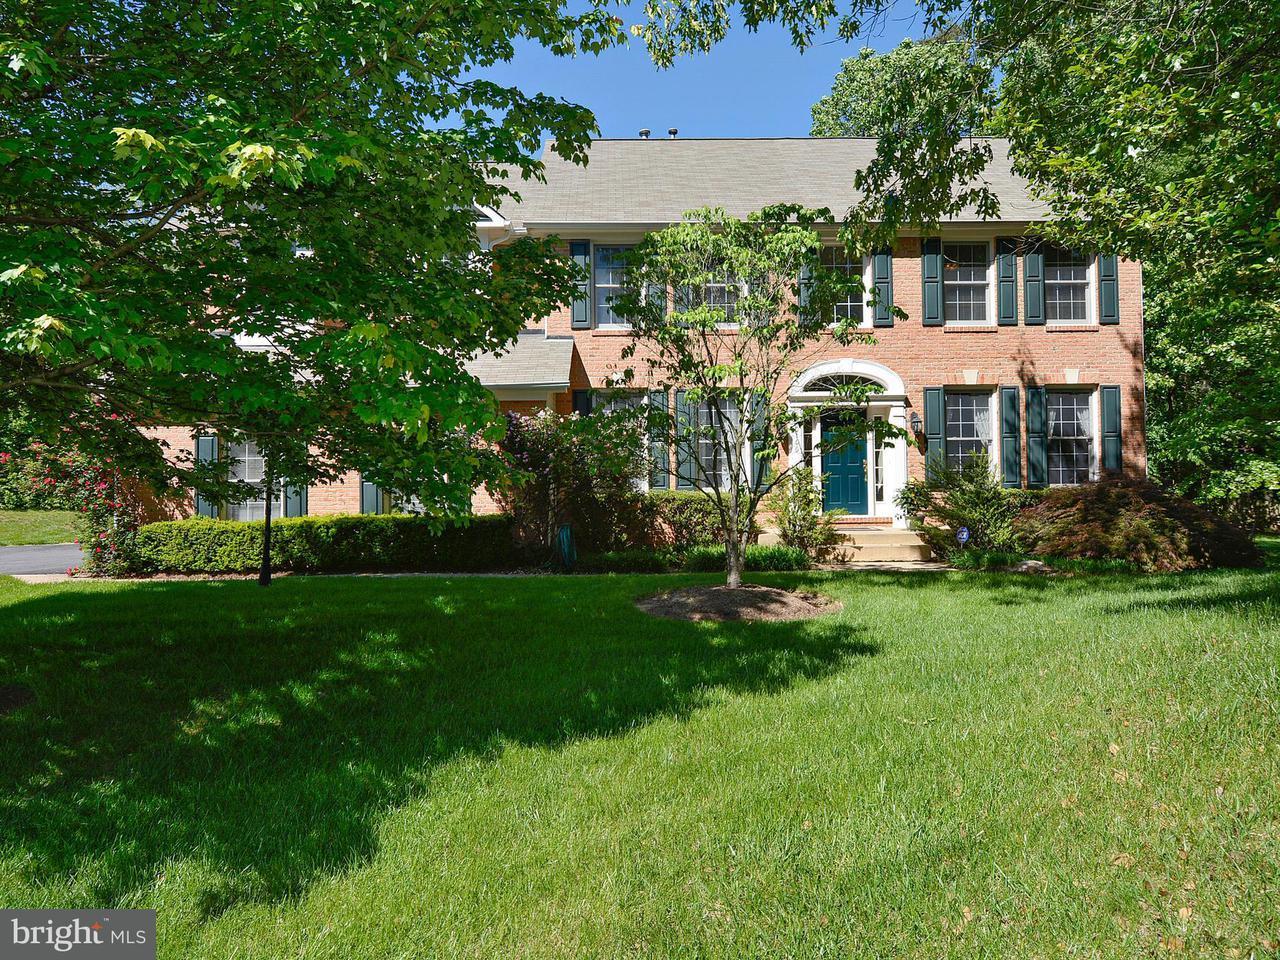 獨棟家庭住宅 為 出售 在 10106 DECKHAND Drive 10106 DECKHAND Drive Burke, 弗吉尼亞州 22015 美國